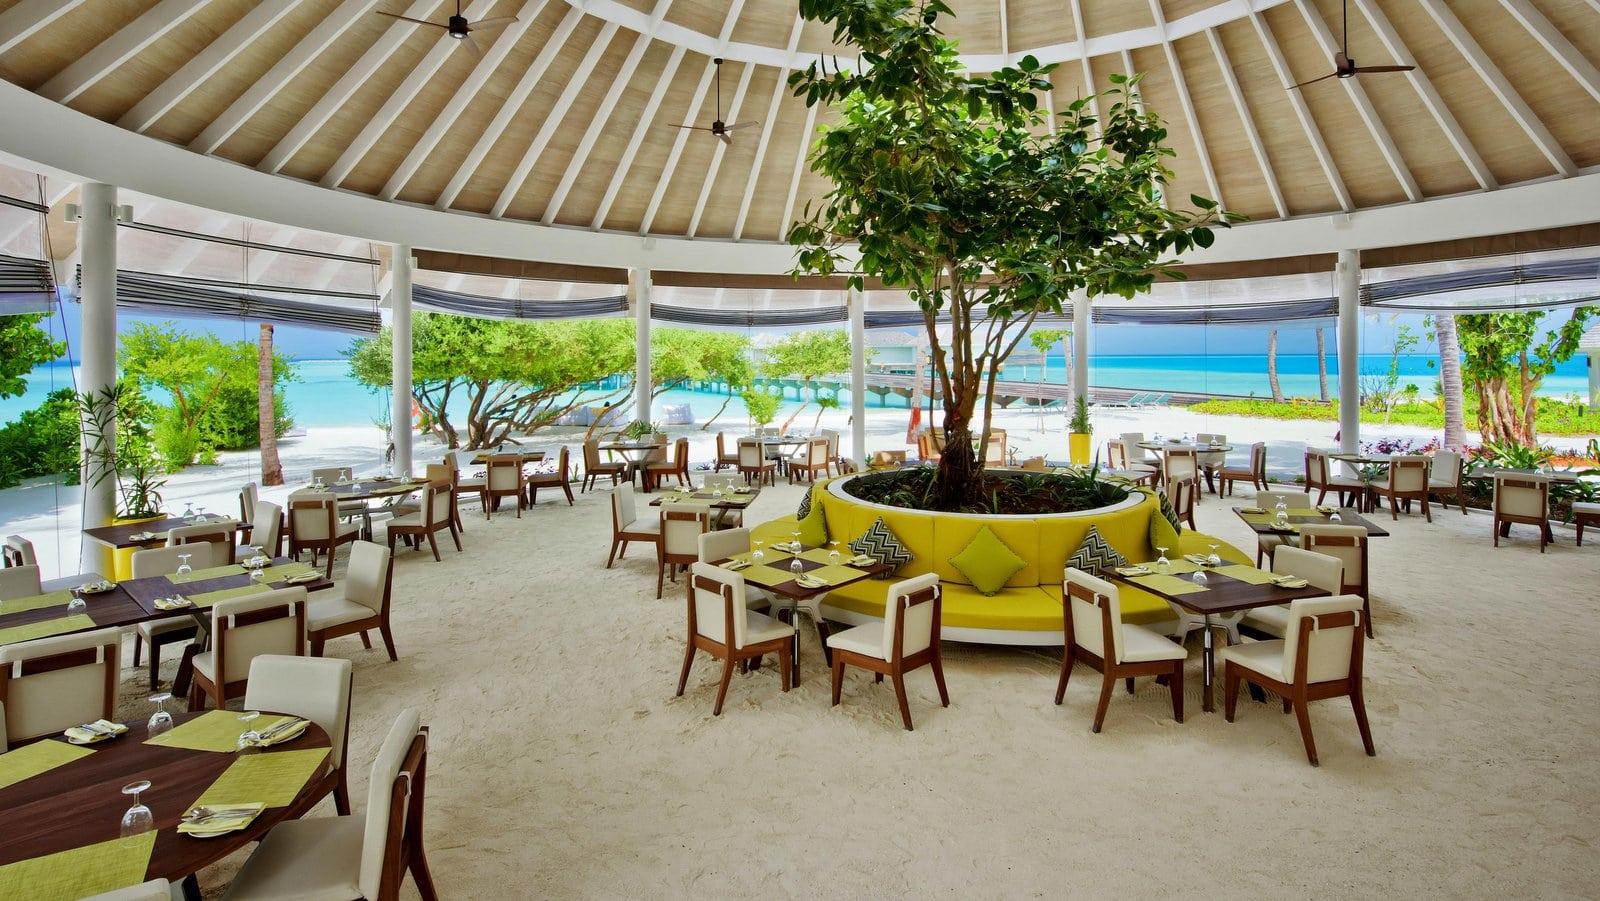 Мальдивы, отель Kandima Maldives, ресторан Zest